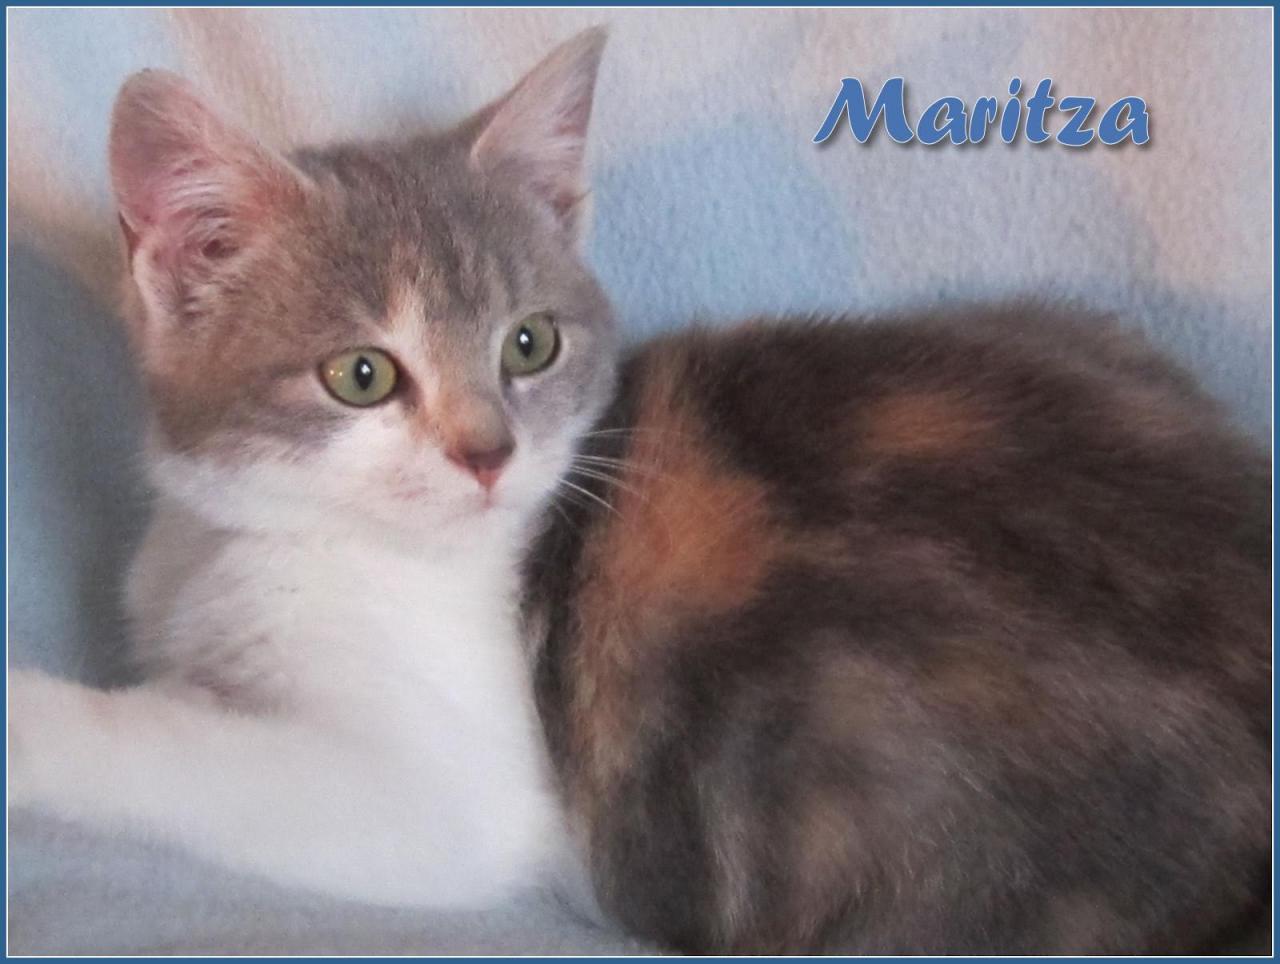 MARITZA - F - Née le 15/10/2016 - Adoptée en Février 2017